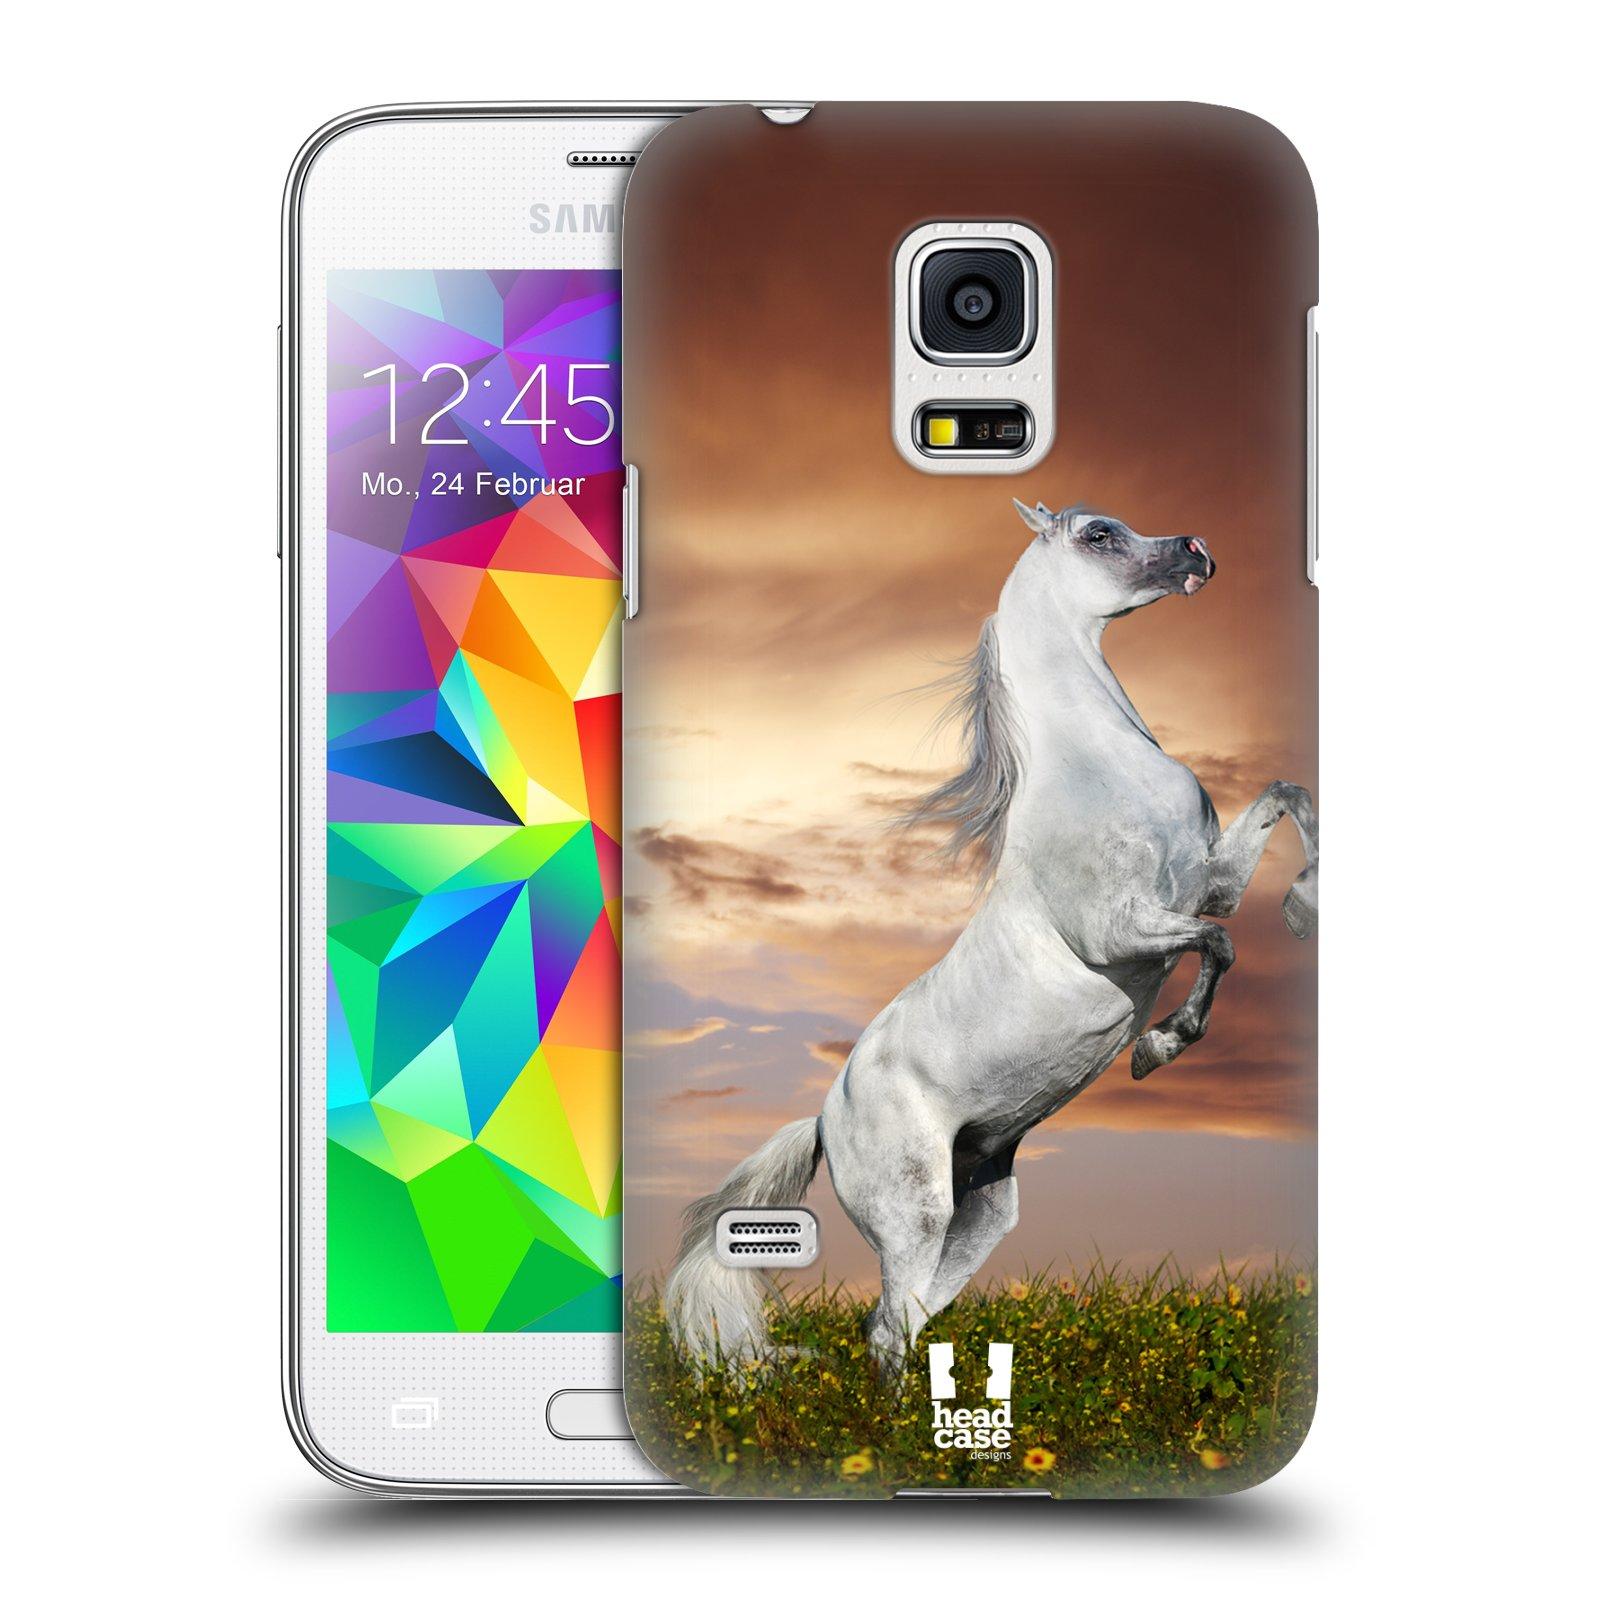 HEAD CASE plastový obal na mobil SAMSUNG Galaxy S5 MINI / S5 MINI DUOS vzor Divočina, Divoký život a zvířata foto DIVOKÝ KŮŇ MUSTANG BÍLÁ